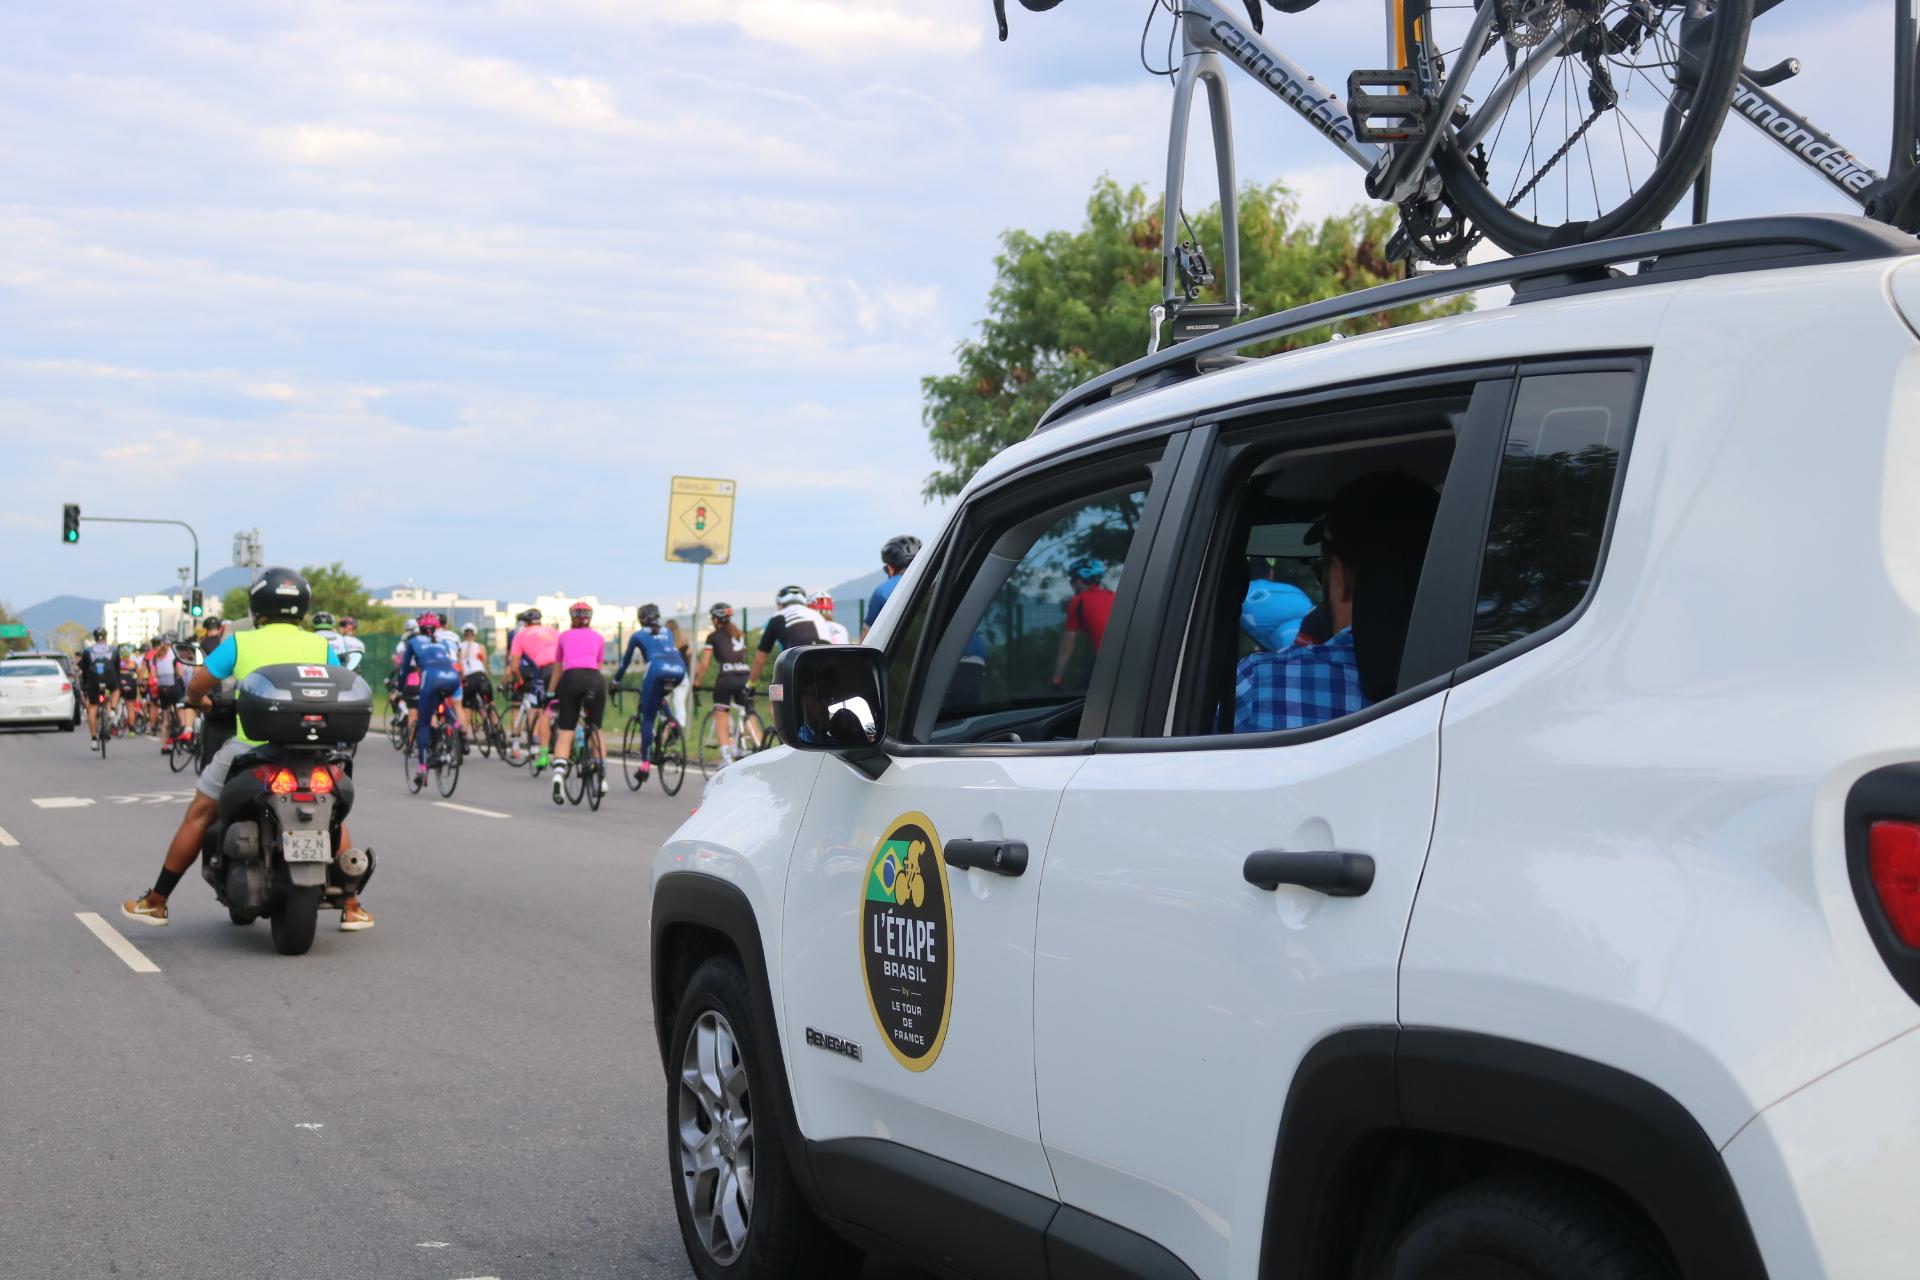 Moto e carro acompanhando os atletas